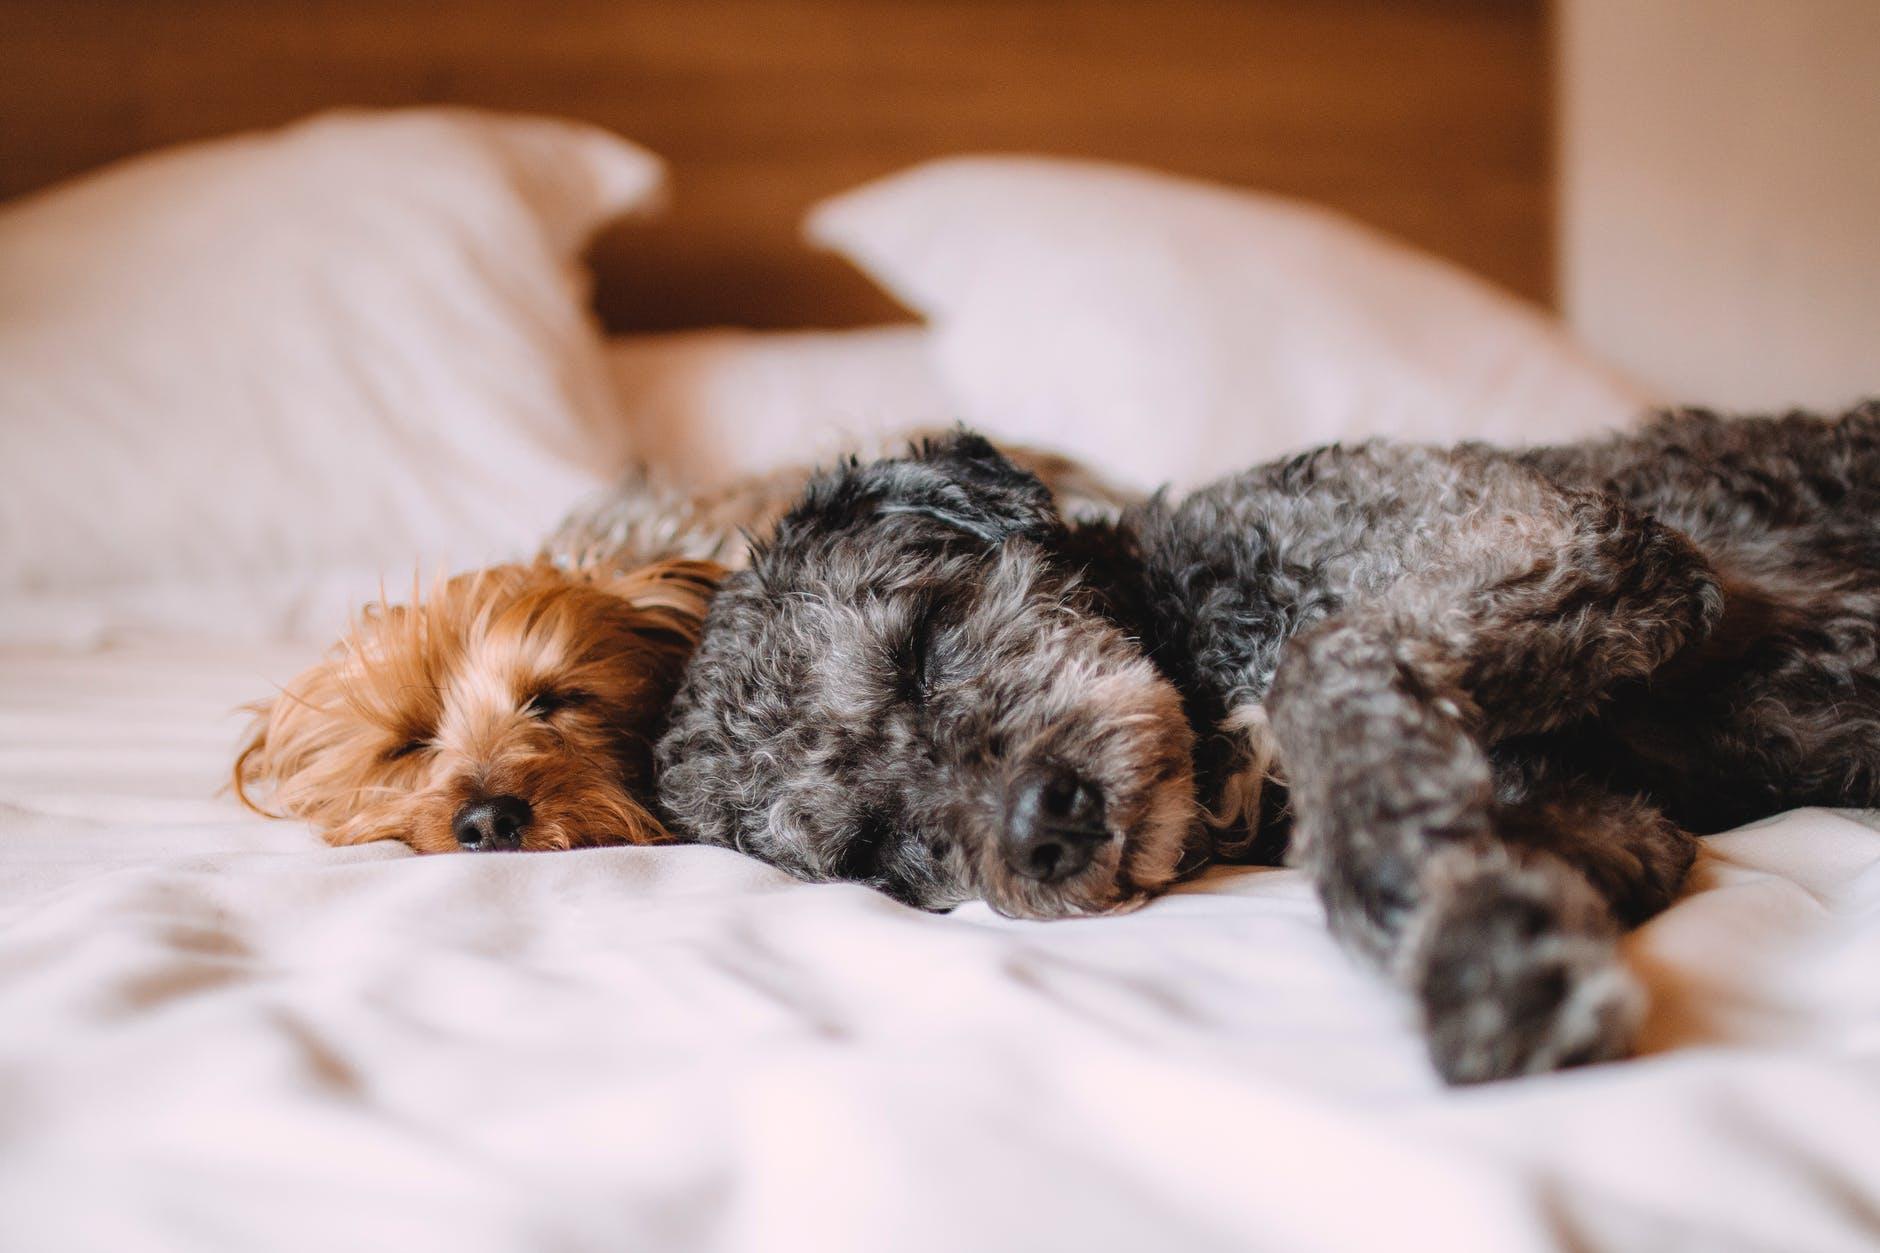 Apprenez à identifier les symptômes d'empoisonnement chez les chiens